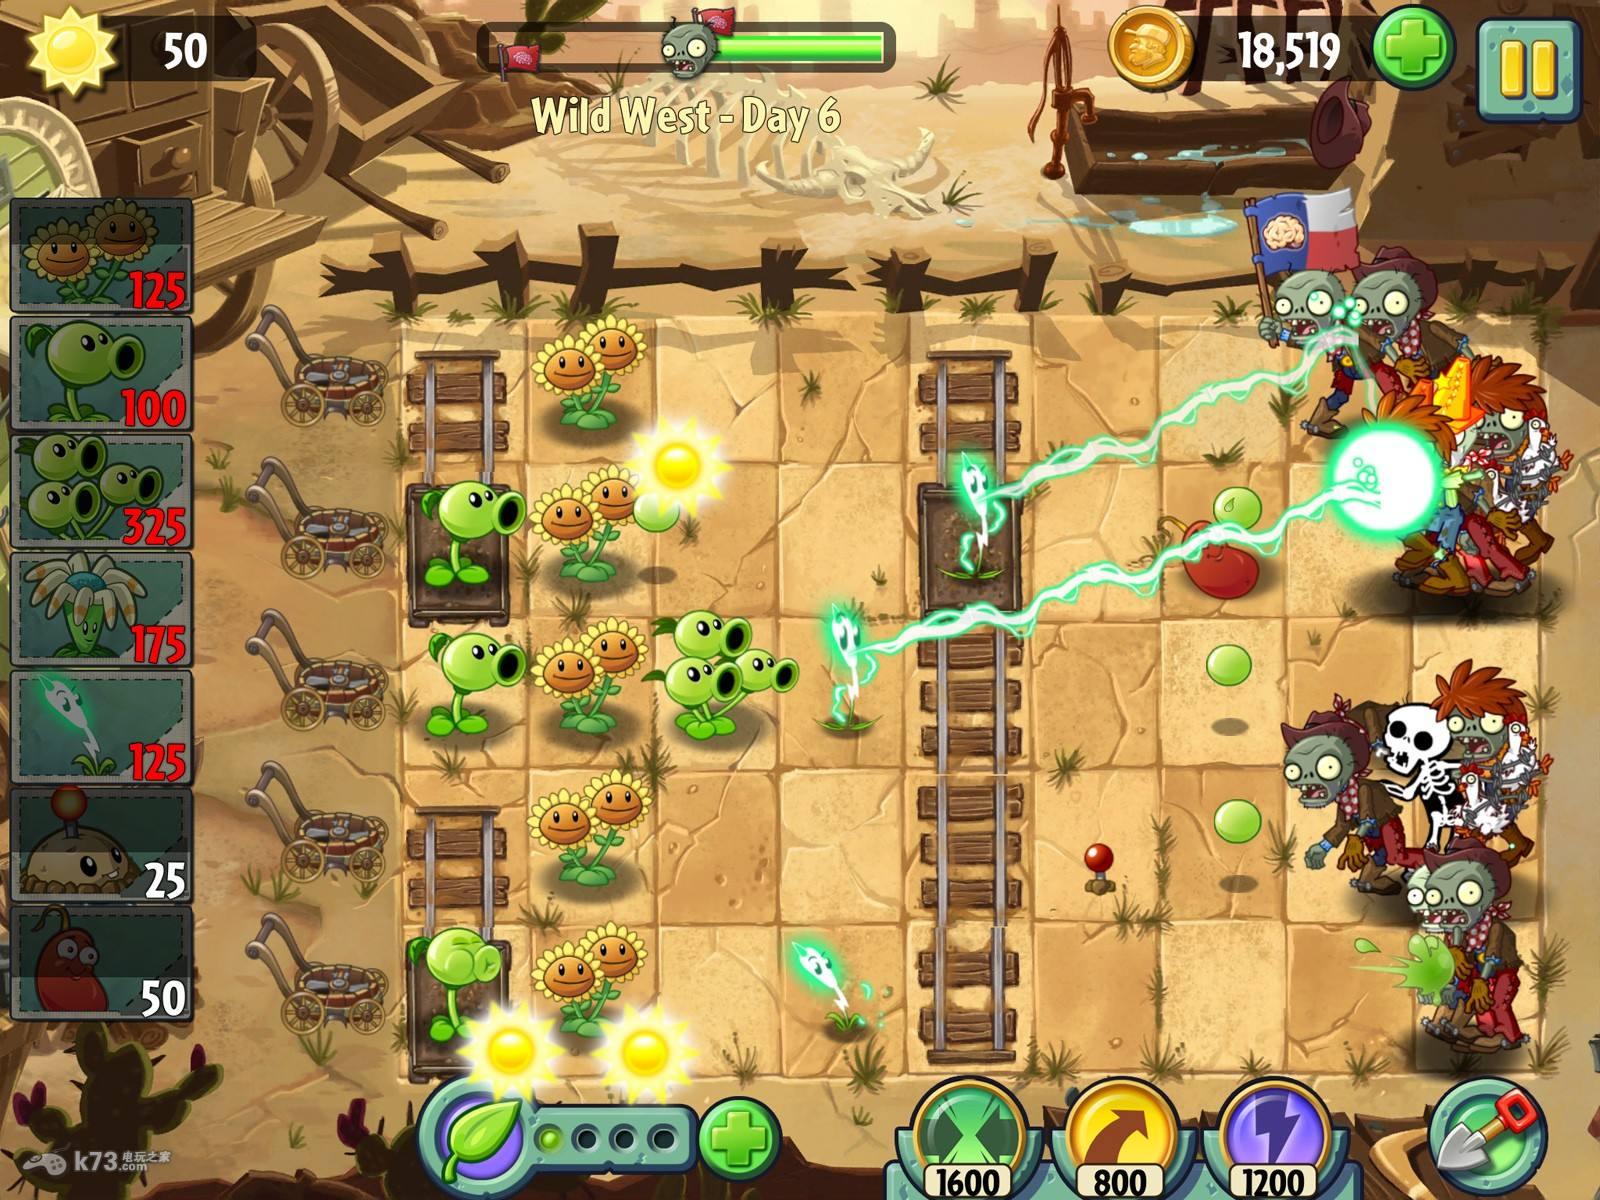 《植物大战僵尸2》钻石获得方法